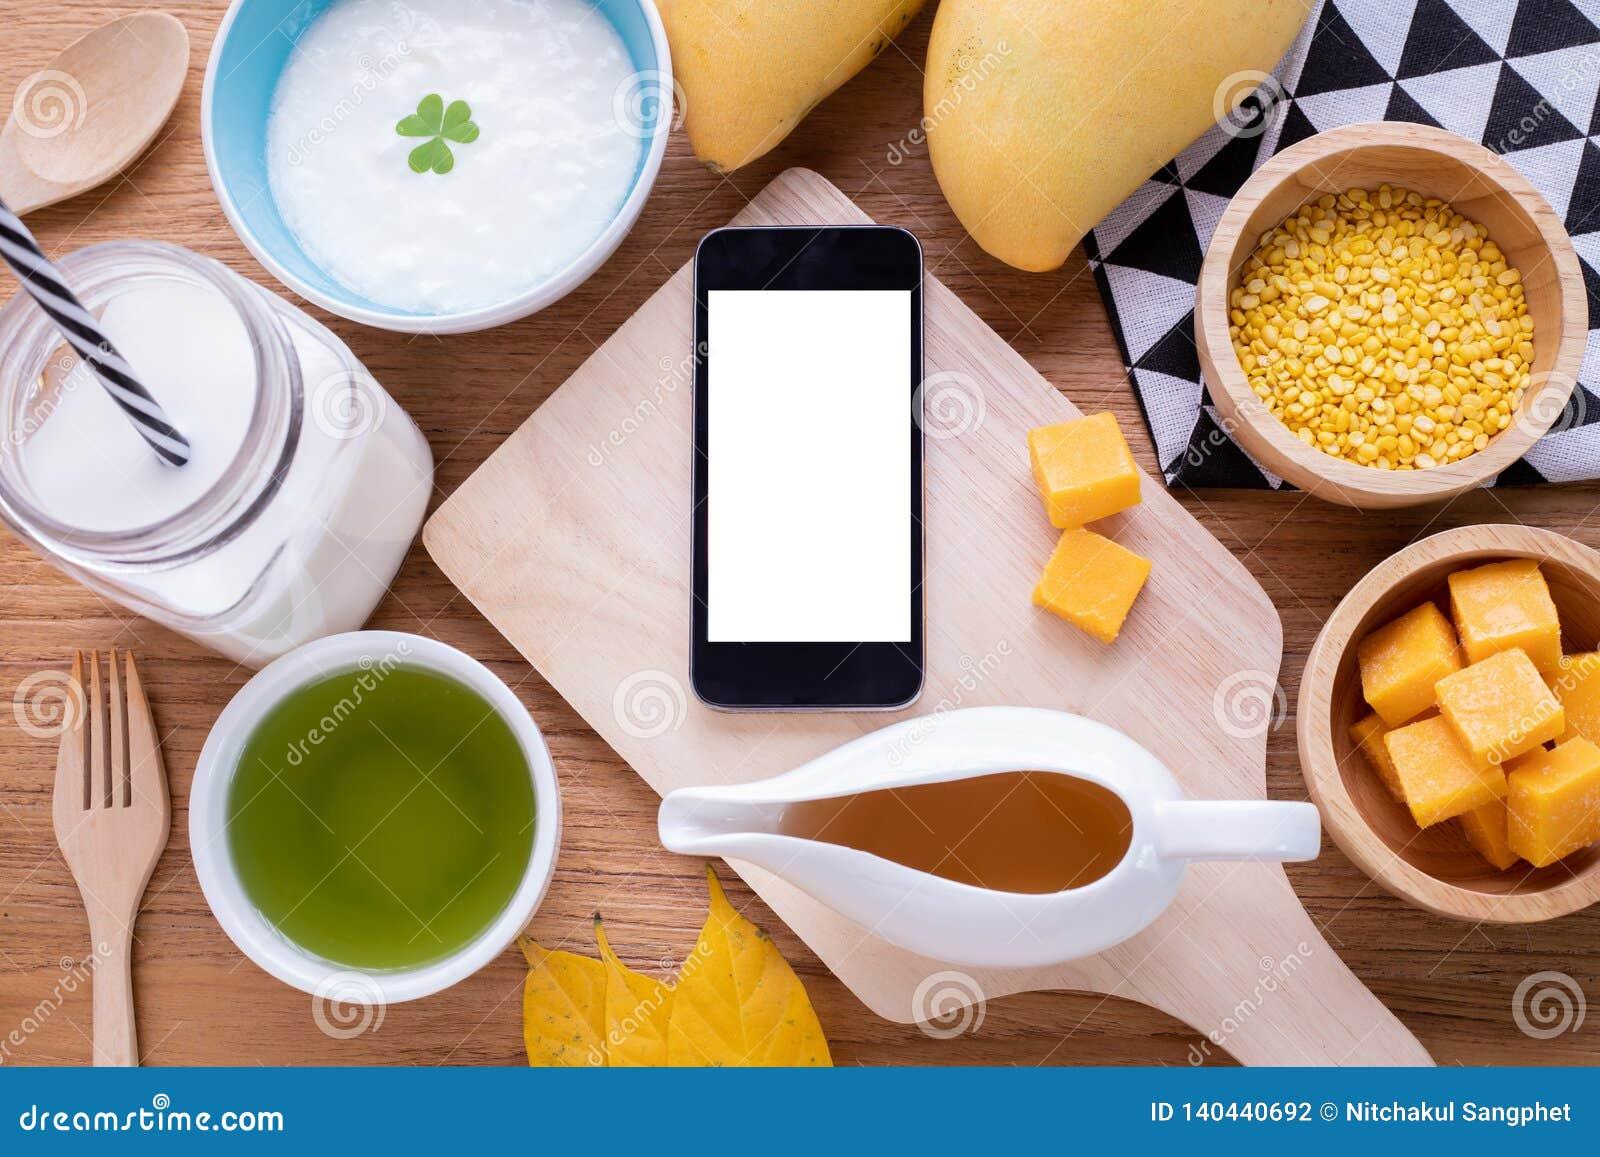 Hölzerne Tabelle mit leerem Bildschirm am intelligenten Telefon, Tablette, Handy mit Frühstück, Kopienraum